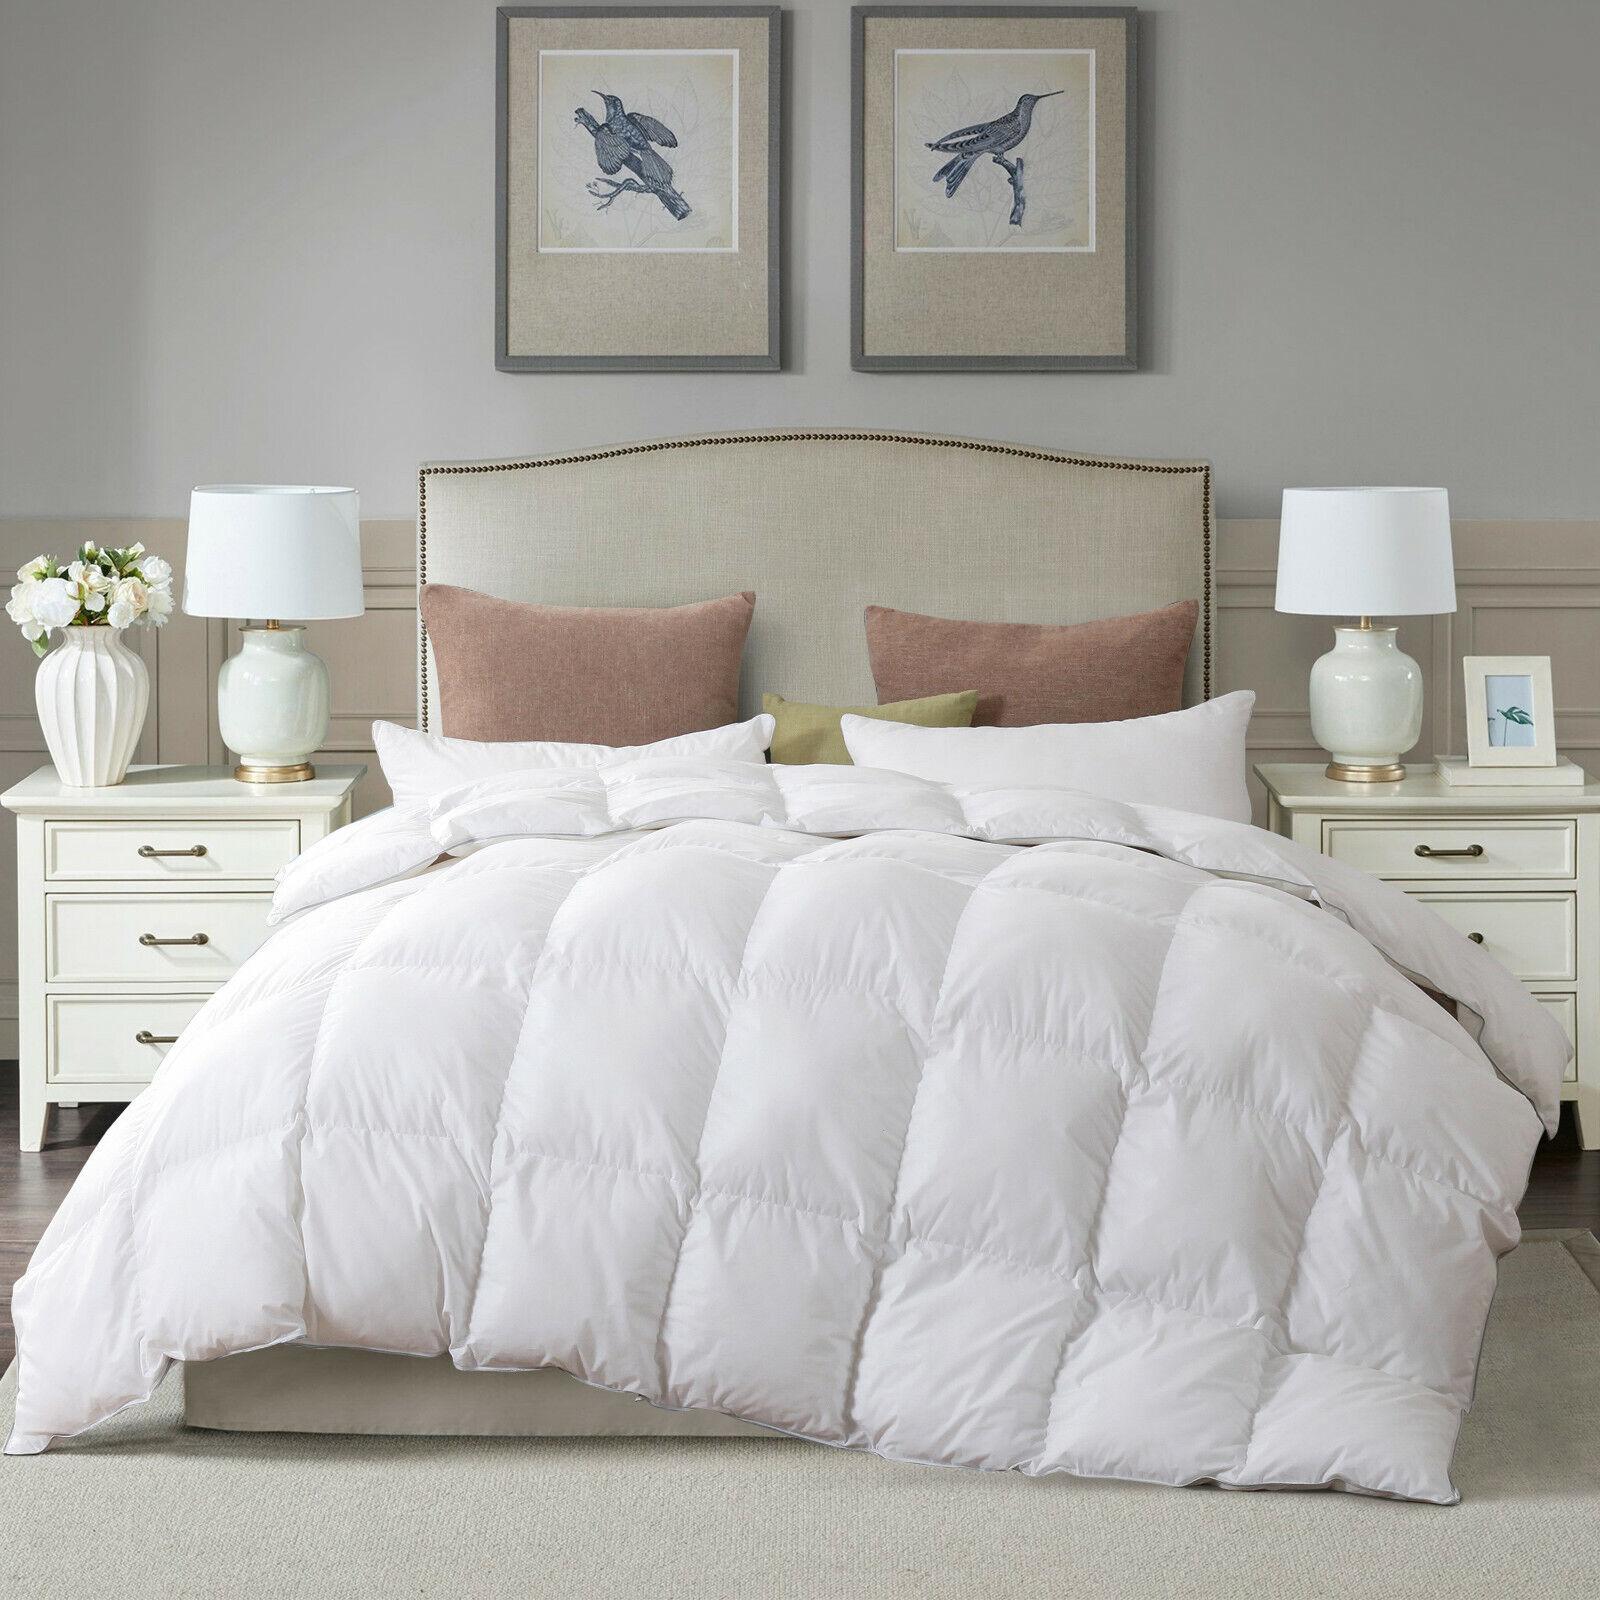 Luxury White Goose Down Comforter Duvet Insert King Size Lightweight All Season For Sale Online